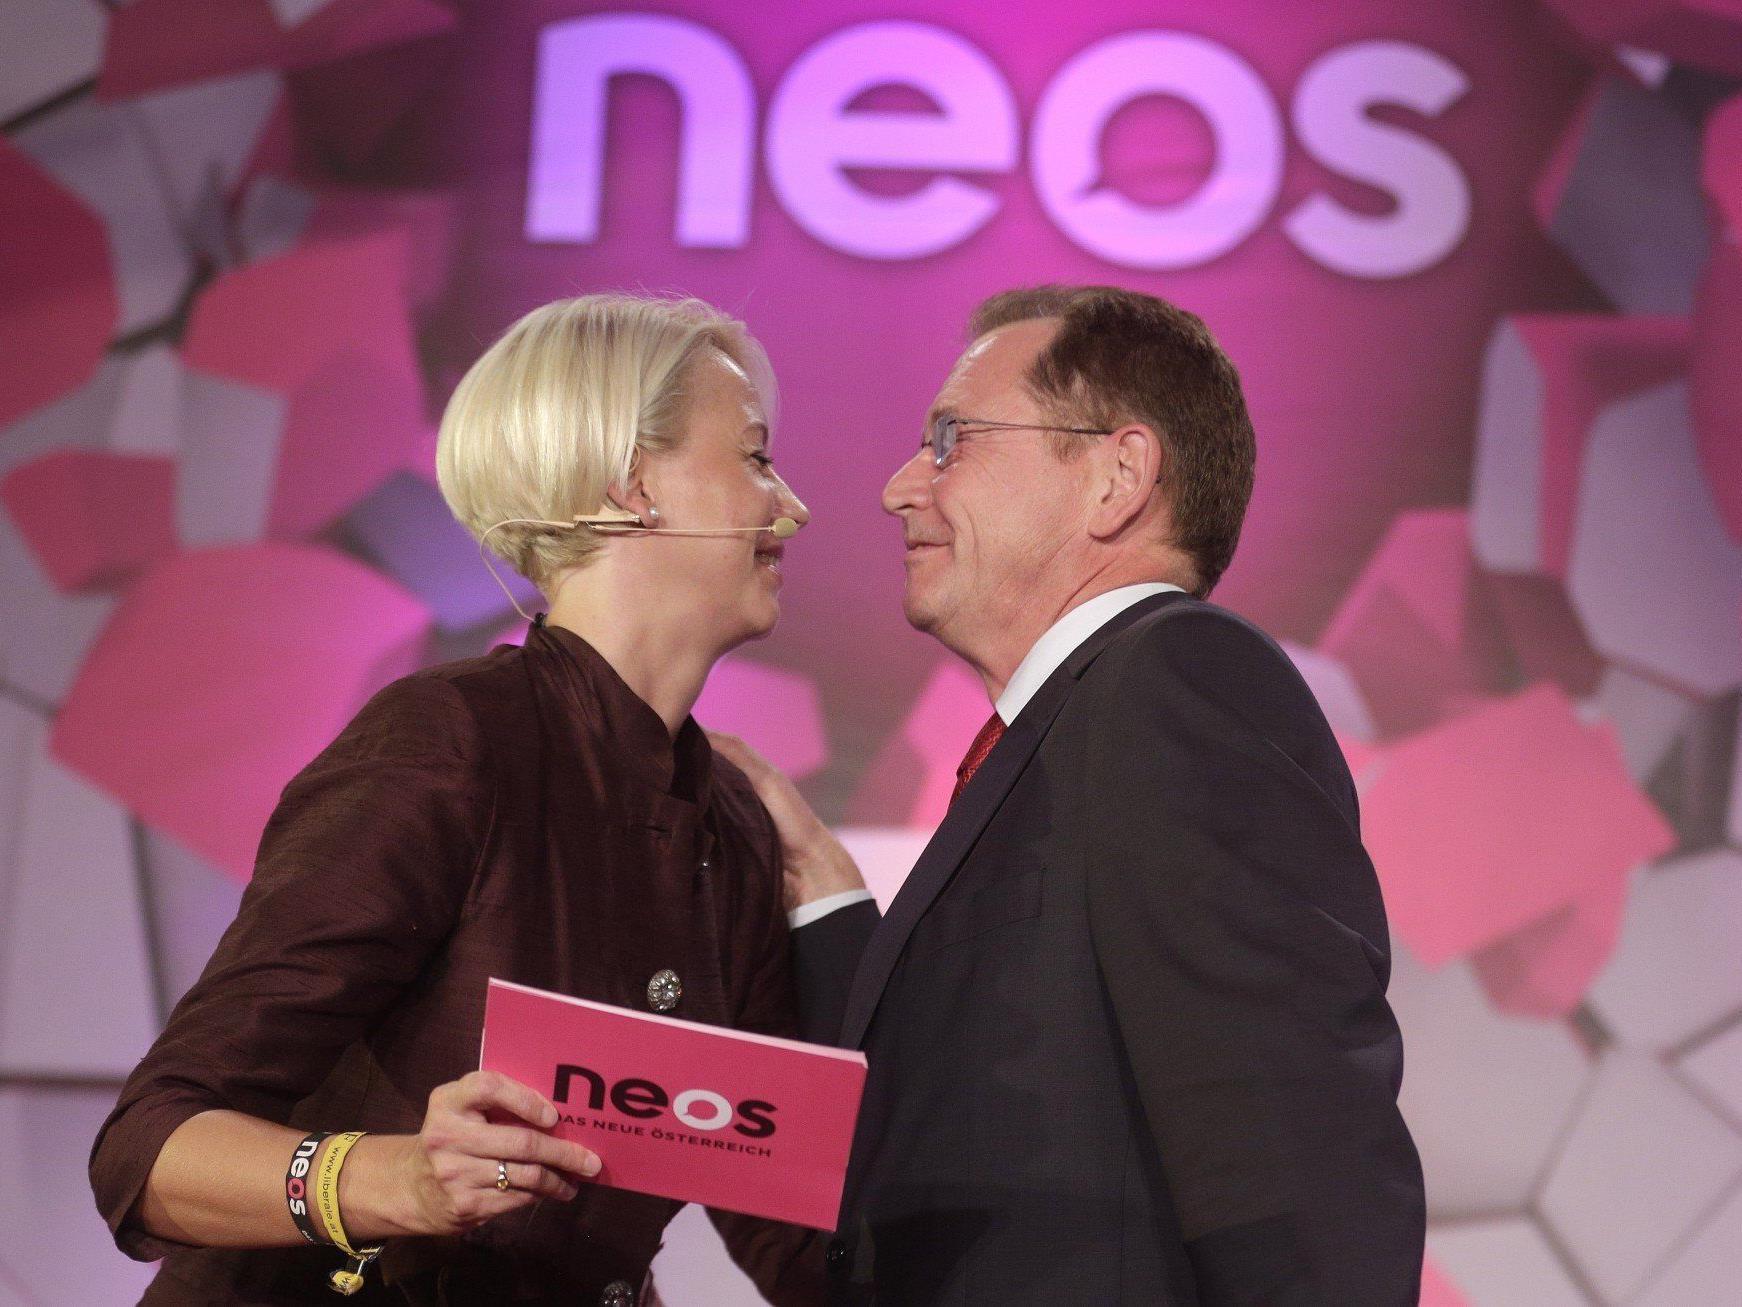 Liberale Forum könnte bald mit der neuen Bewegung NEOS fusionieren